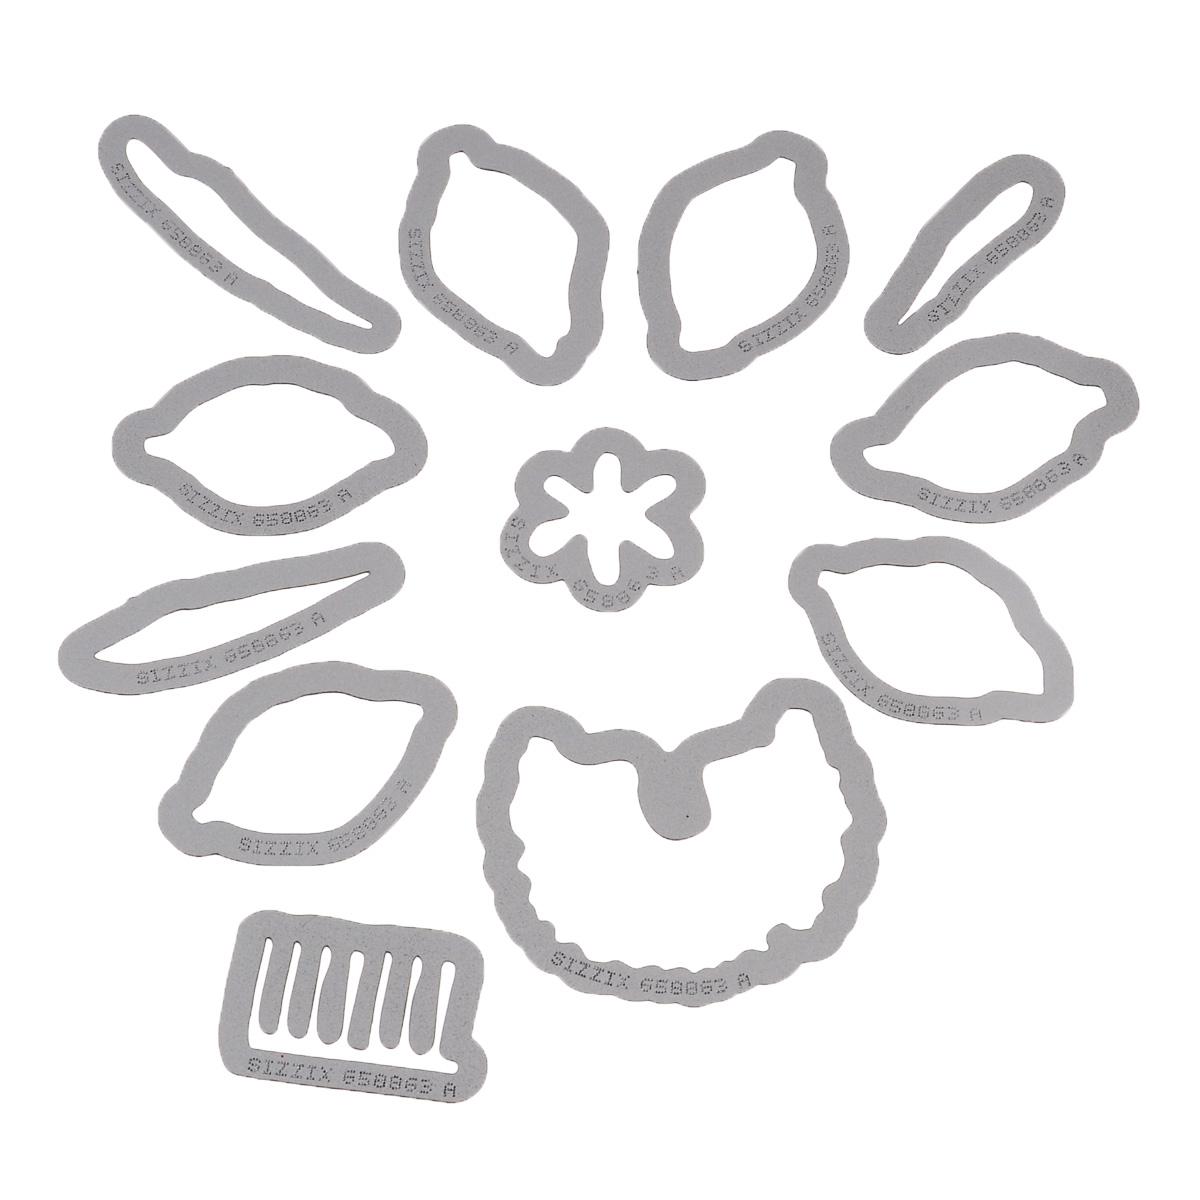 Форма для вырубки Sizzix Цветок. Нарцисс, 12 шт658863С помощью форм для вырубки Sizzix Цветок. Нарцисс можно создать фигурку в виде нарцисса. Формы для вырубки - это определенной формы ножи, обеспечивающие форму вырубной фигуры. В комплект входит 12 форм, выполненных из металла в виде составляющих частей нарцисса. Они режут бумагу, картон и ткань. Формы станут незаменимыми при создании скрап-страничек, открыток и конвертов с резными декоративными фигурками и ажурными украшениями. Формы для вырубки разнообразят вашу работу и добавят вдохновения для новых идей. Формы подходят для машинки для вырубки. Средний размер форм: 4 см х 2,8 см. Комплектация: 12 шт.